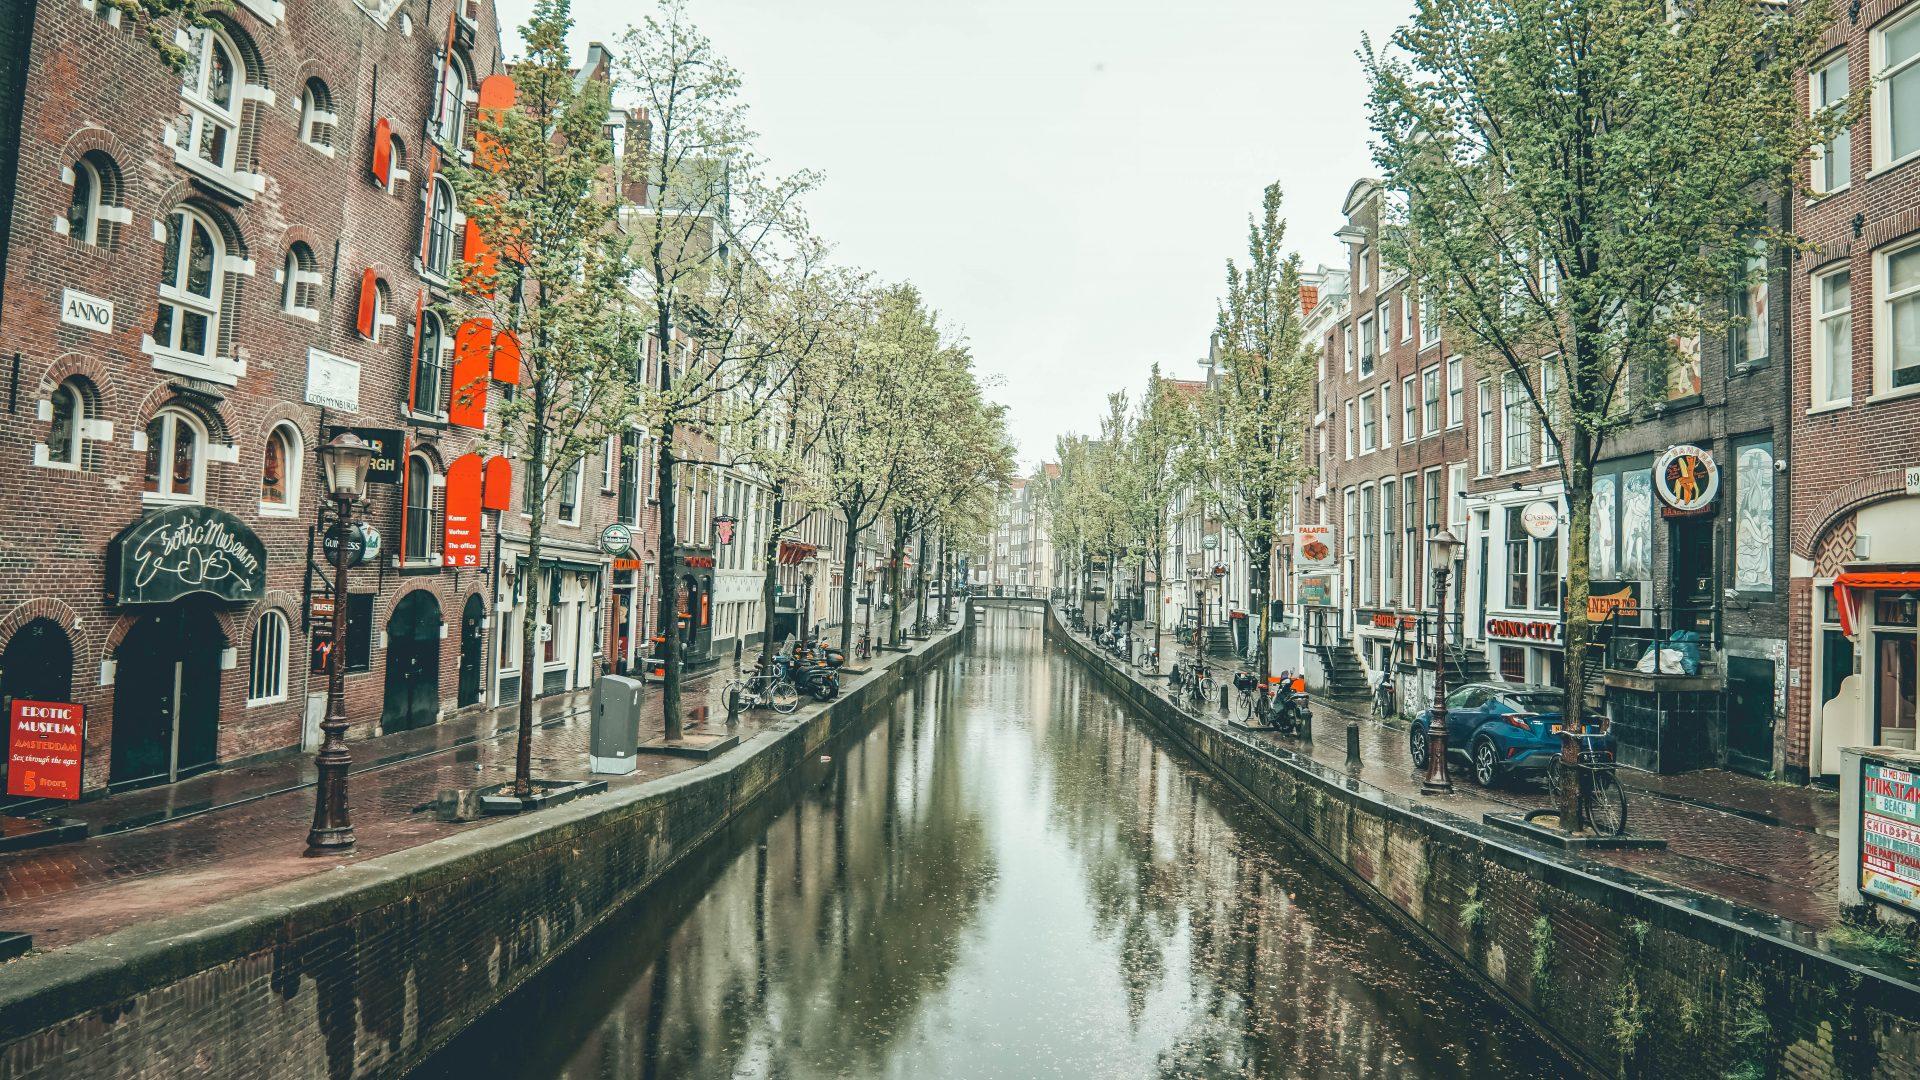 la historia del barrio rojo se remonta a la edad media cuando los burdeles de amsterdam eran por el sheriff en el siglo vii aparecieron los